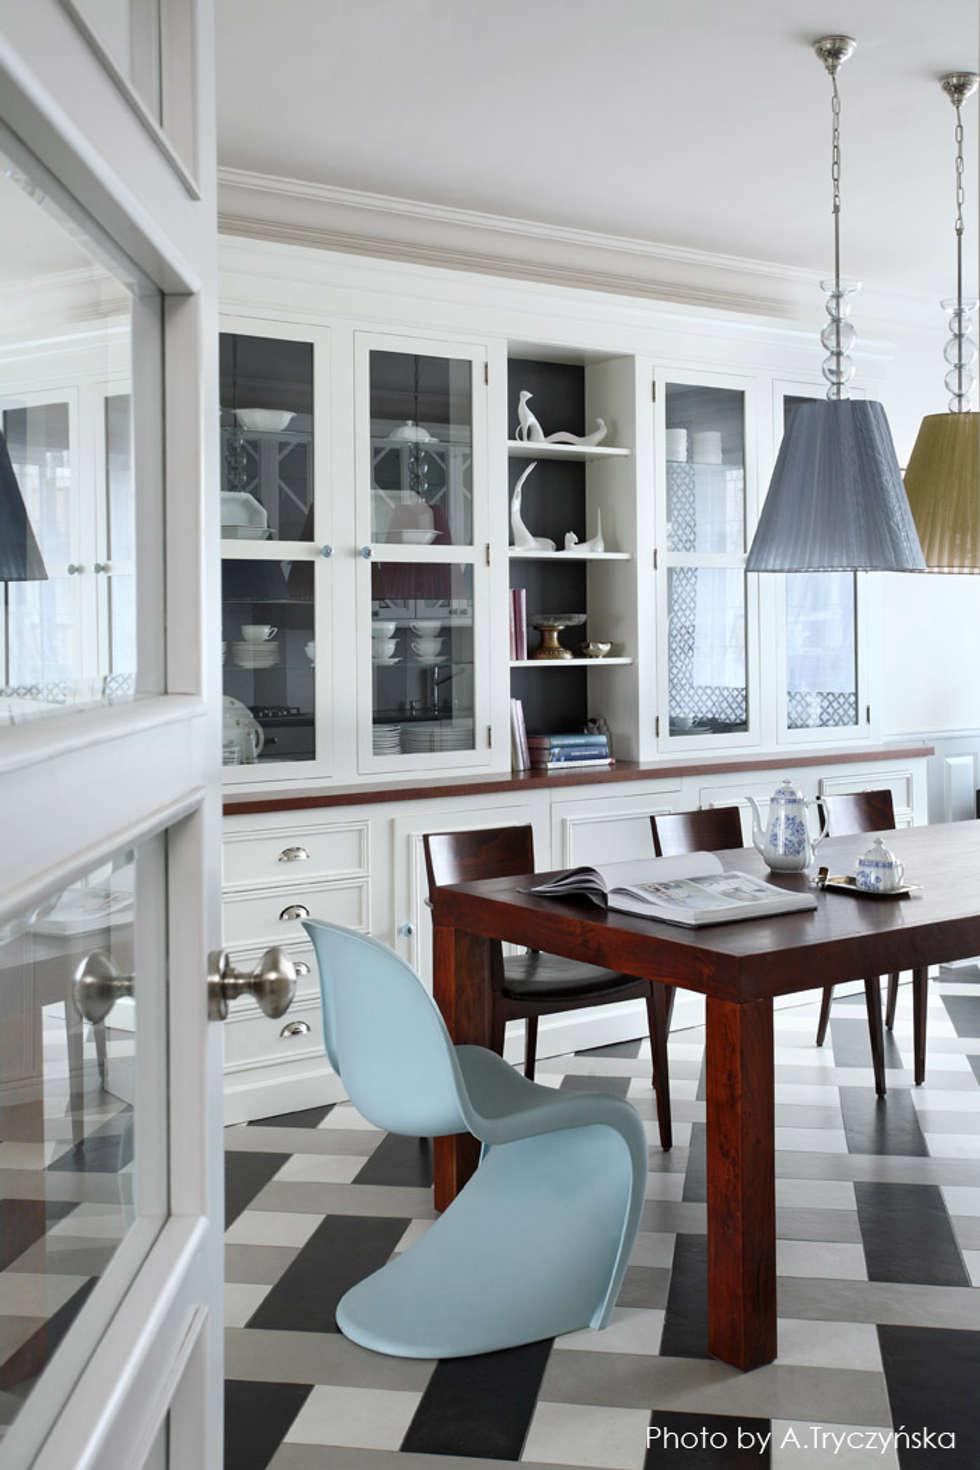 Kuchnia połączona z jadalnią: styl , w kategorii Jadalnia zaprojektowany przez MG Interior Studio Michał Głuszak